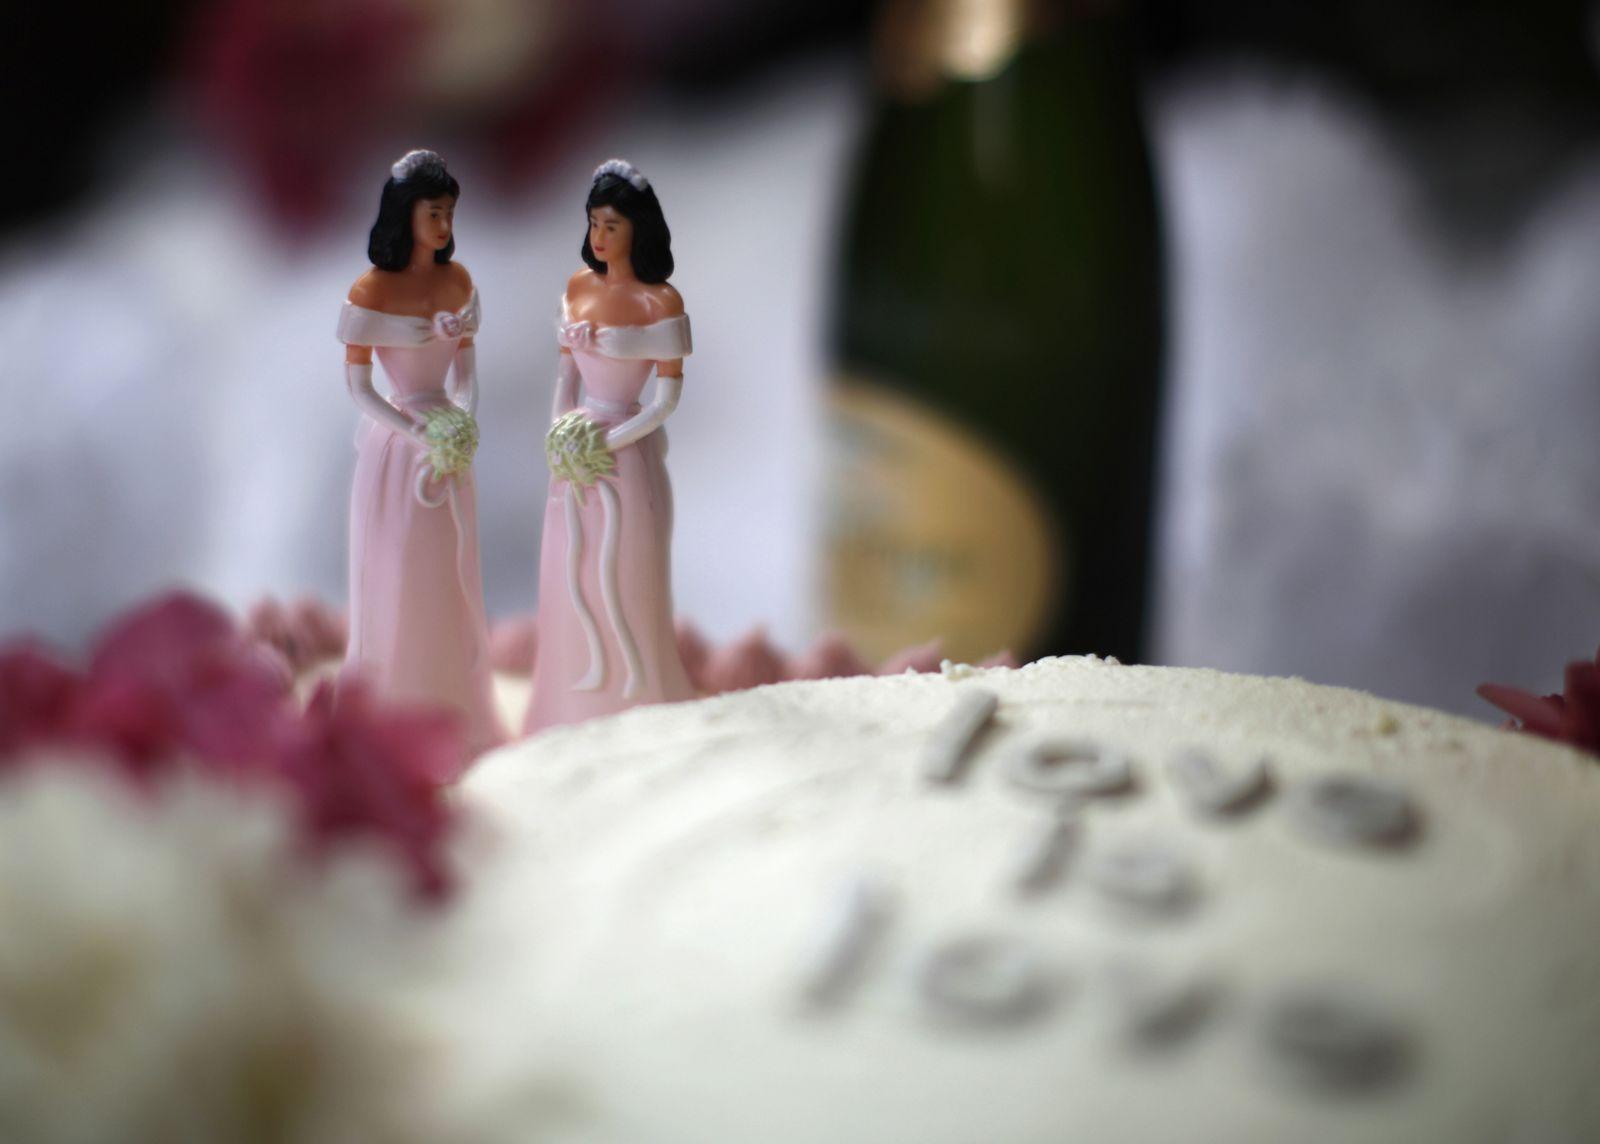 Gleichgeschlechtliche Ehe/ Symbolbild/